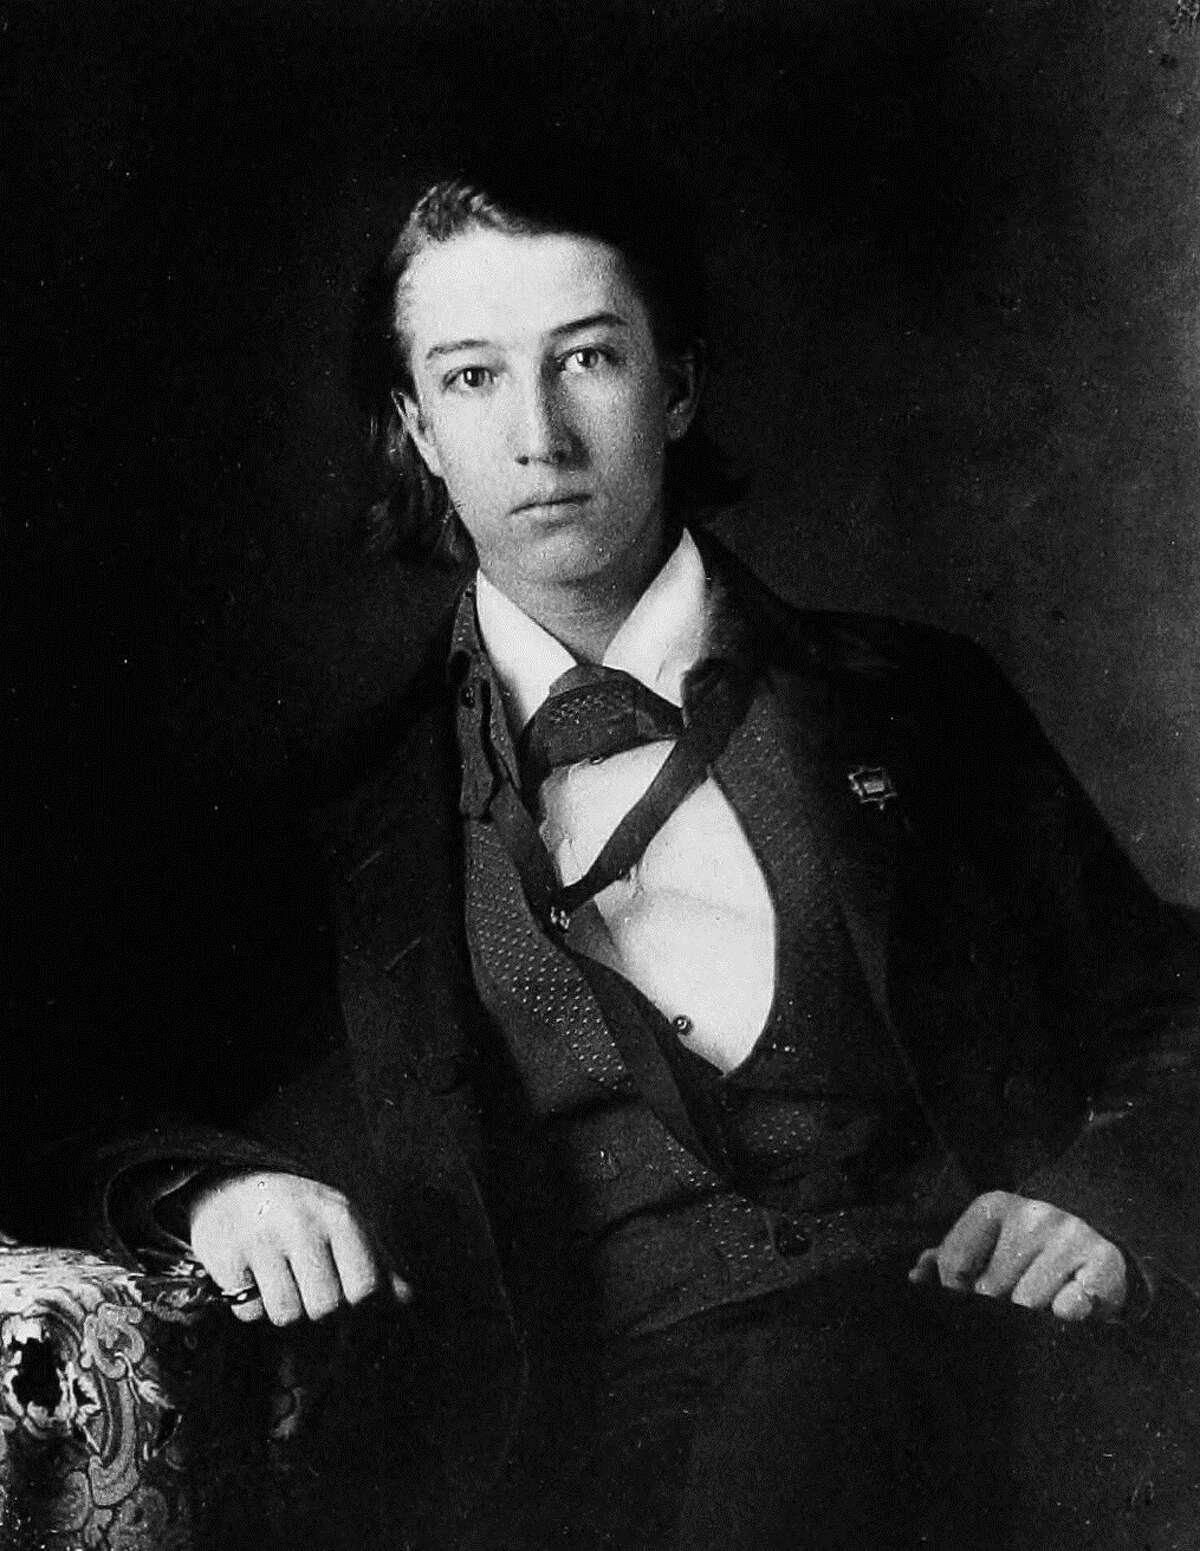 Sidney Lanier in 1857.